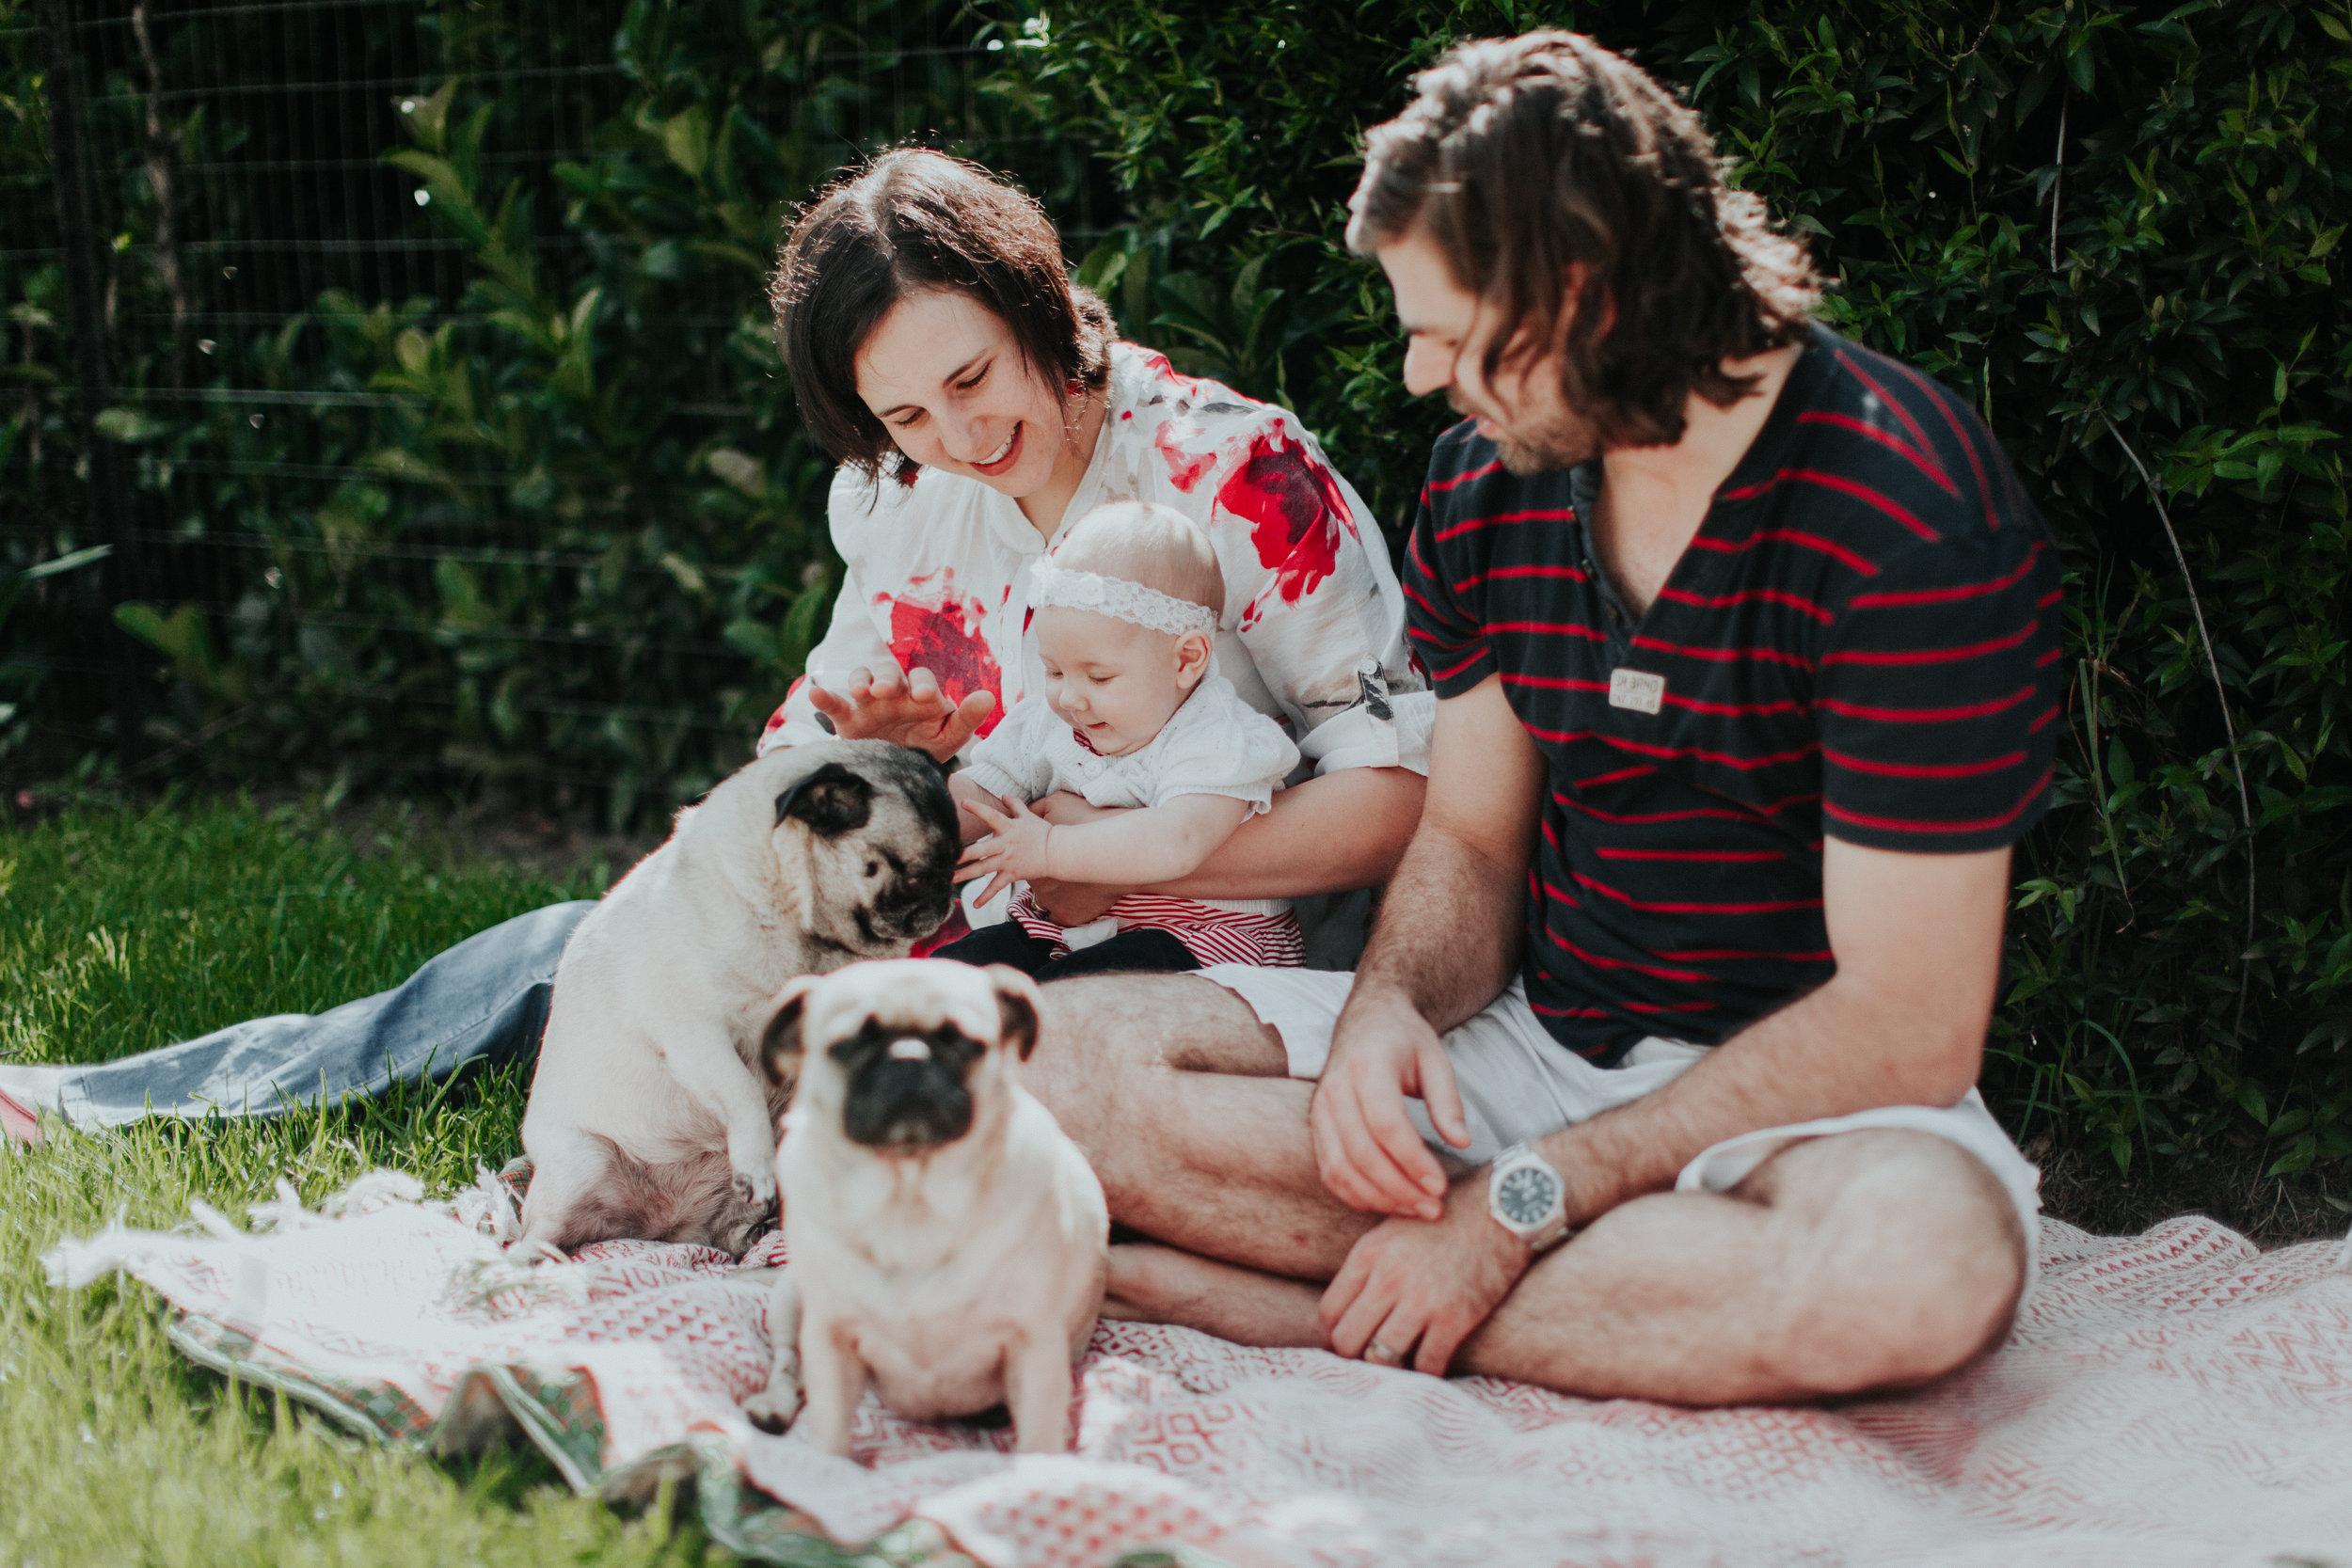 Kristi Smith Photography - Family Photo Shoot 1.jpg